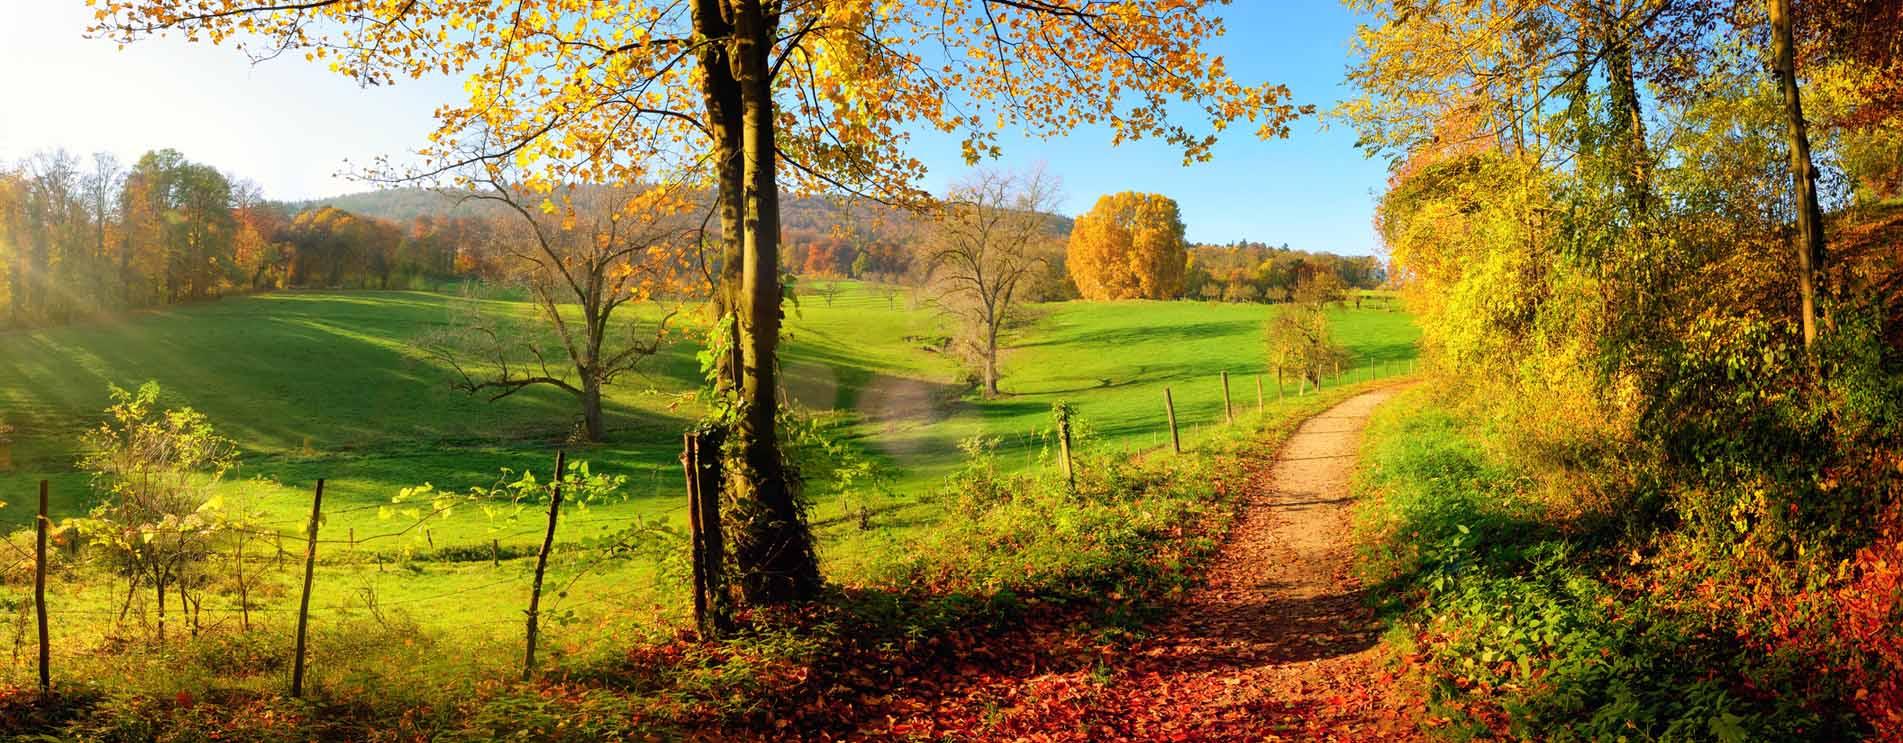 Warum verfärben sich die Blätter im Herbst? Die Photosynthese einfach erklärt.